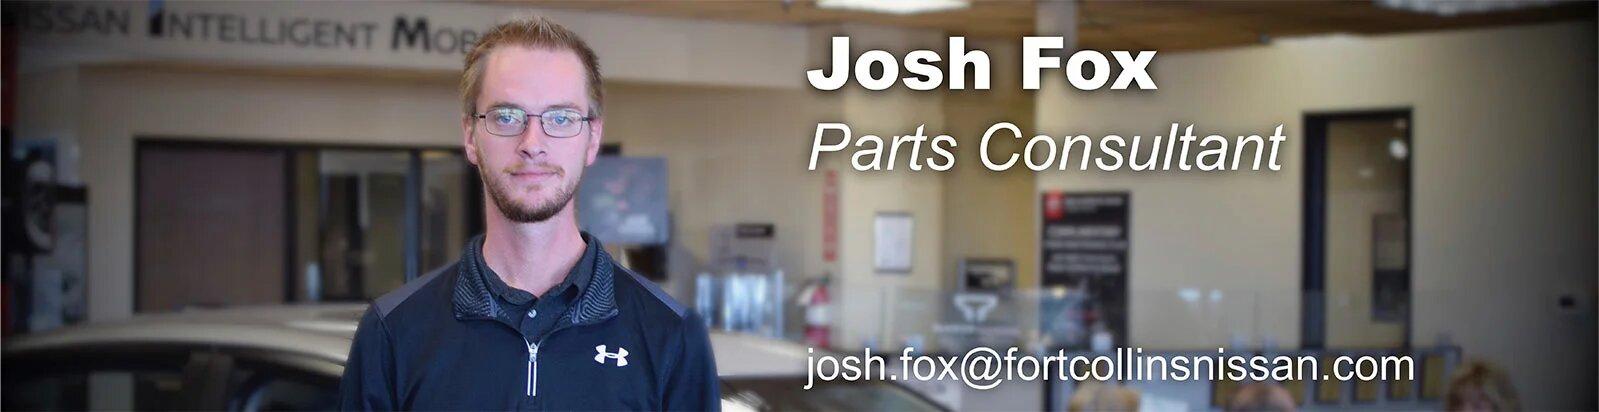 Parts Consultant Josh Fox